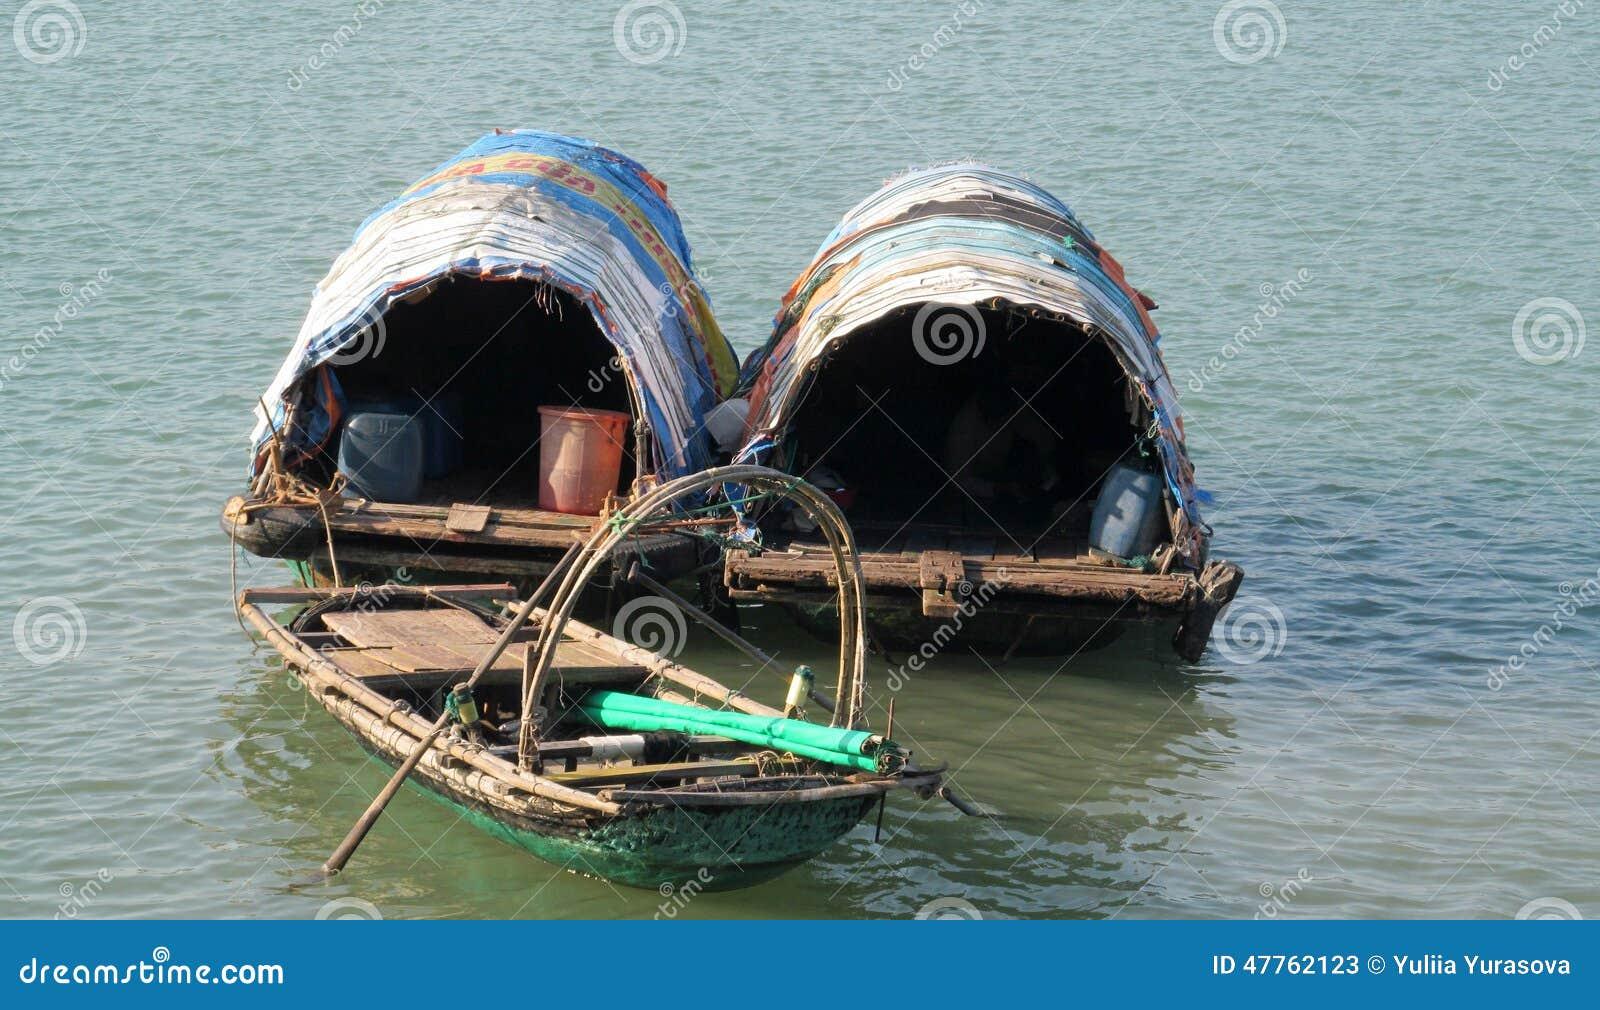 House boat in Ha Long Bay near Cat Ba island, Vietnam